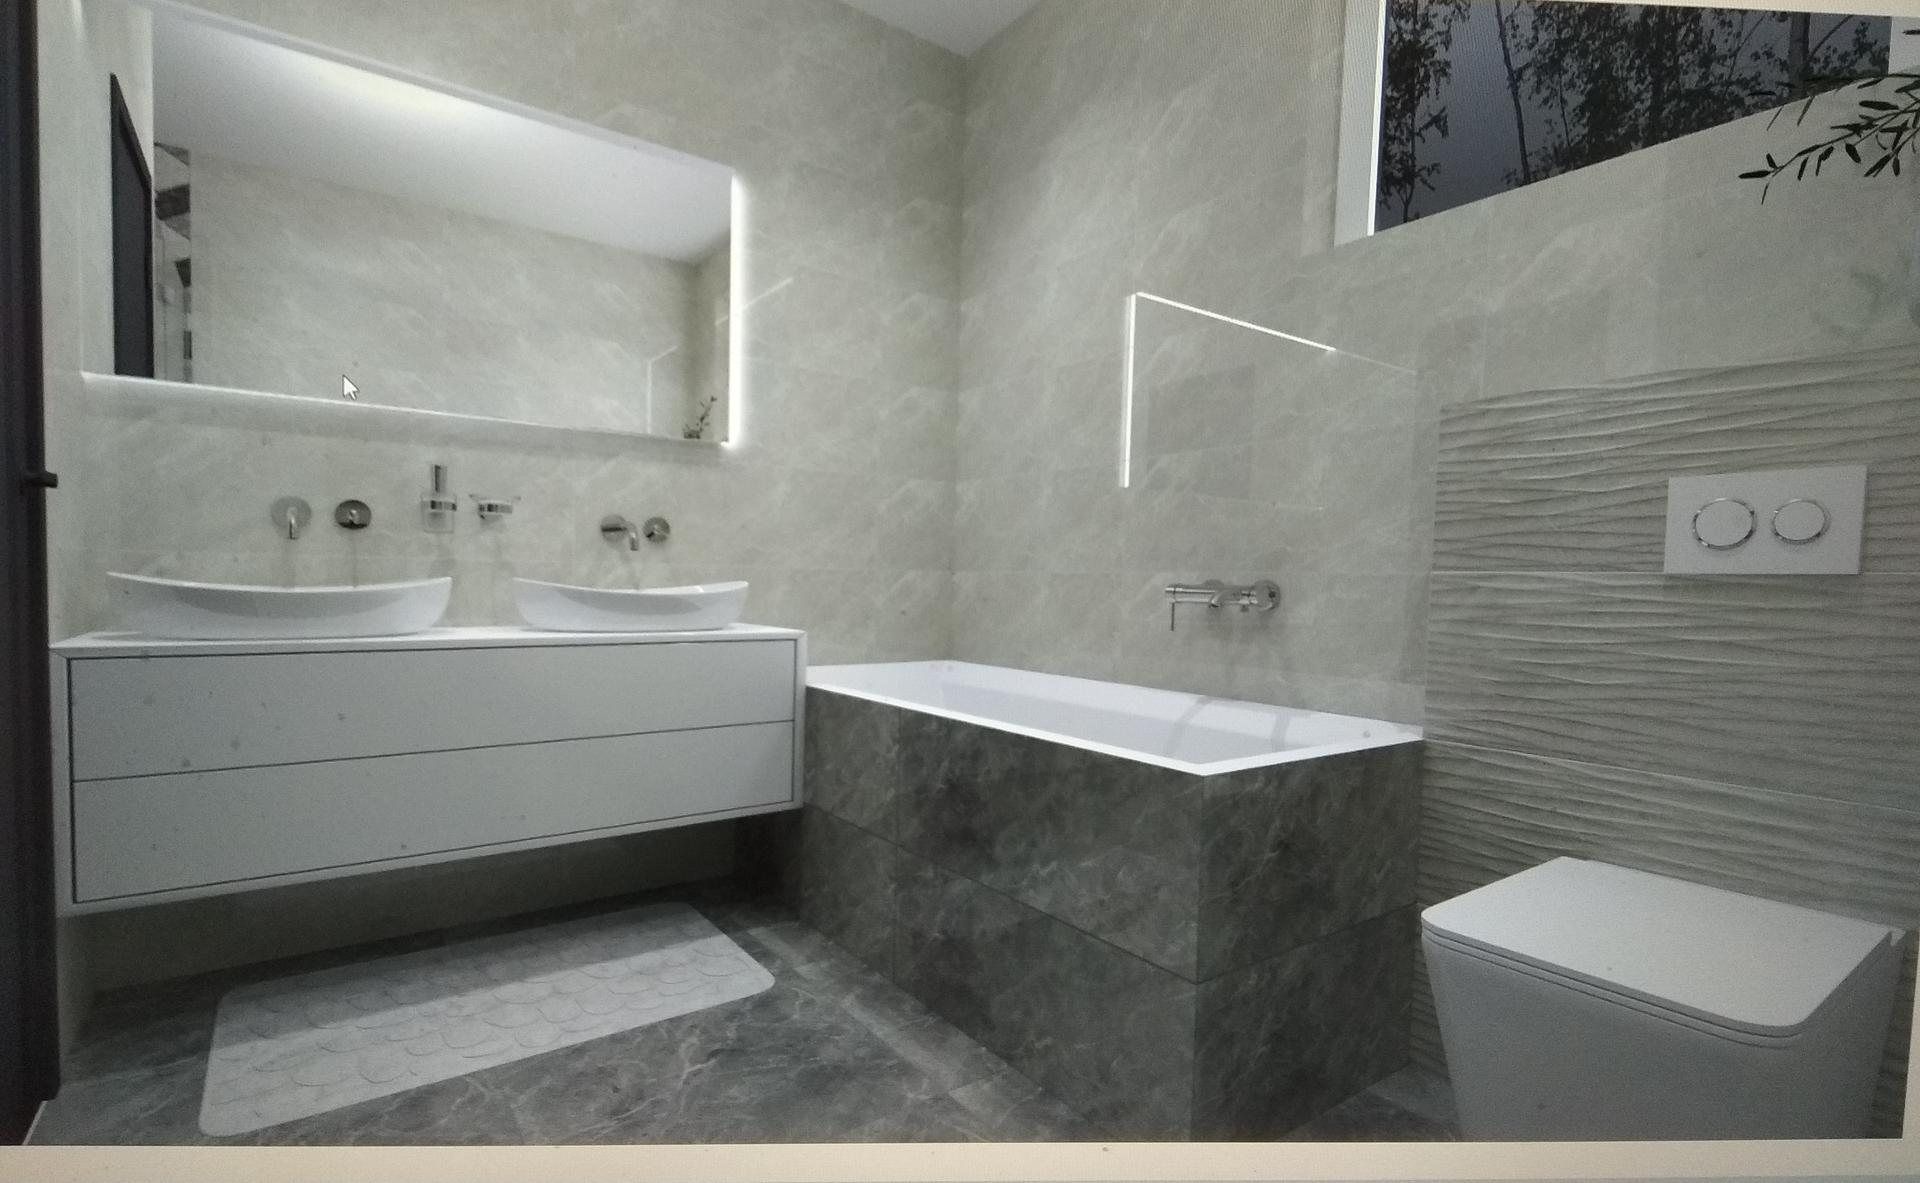 Takto nejako by mohli vyzerať naše kúpeľne a technická 🙂 - Obrázok č. 3